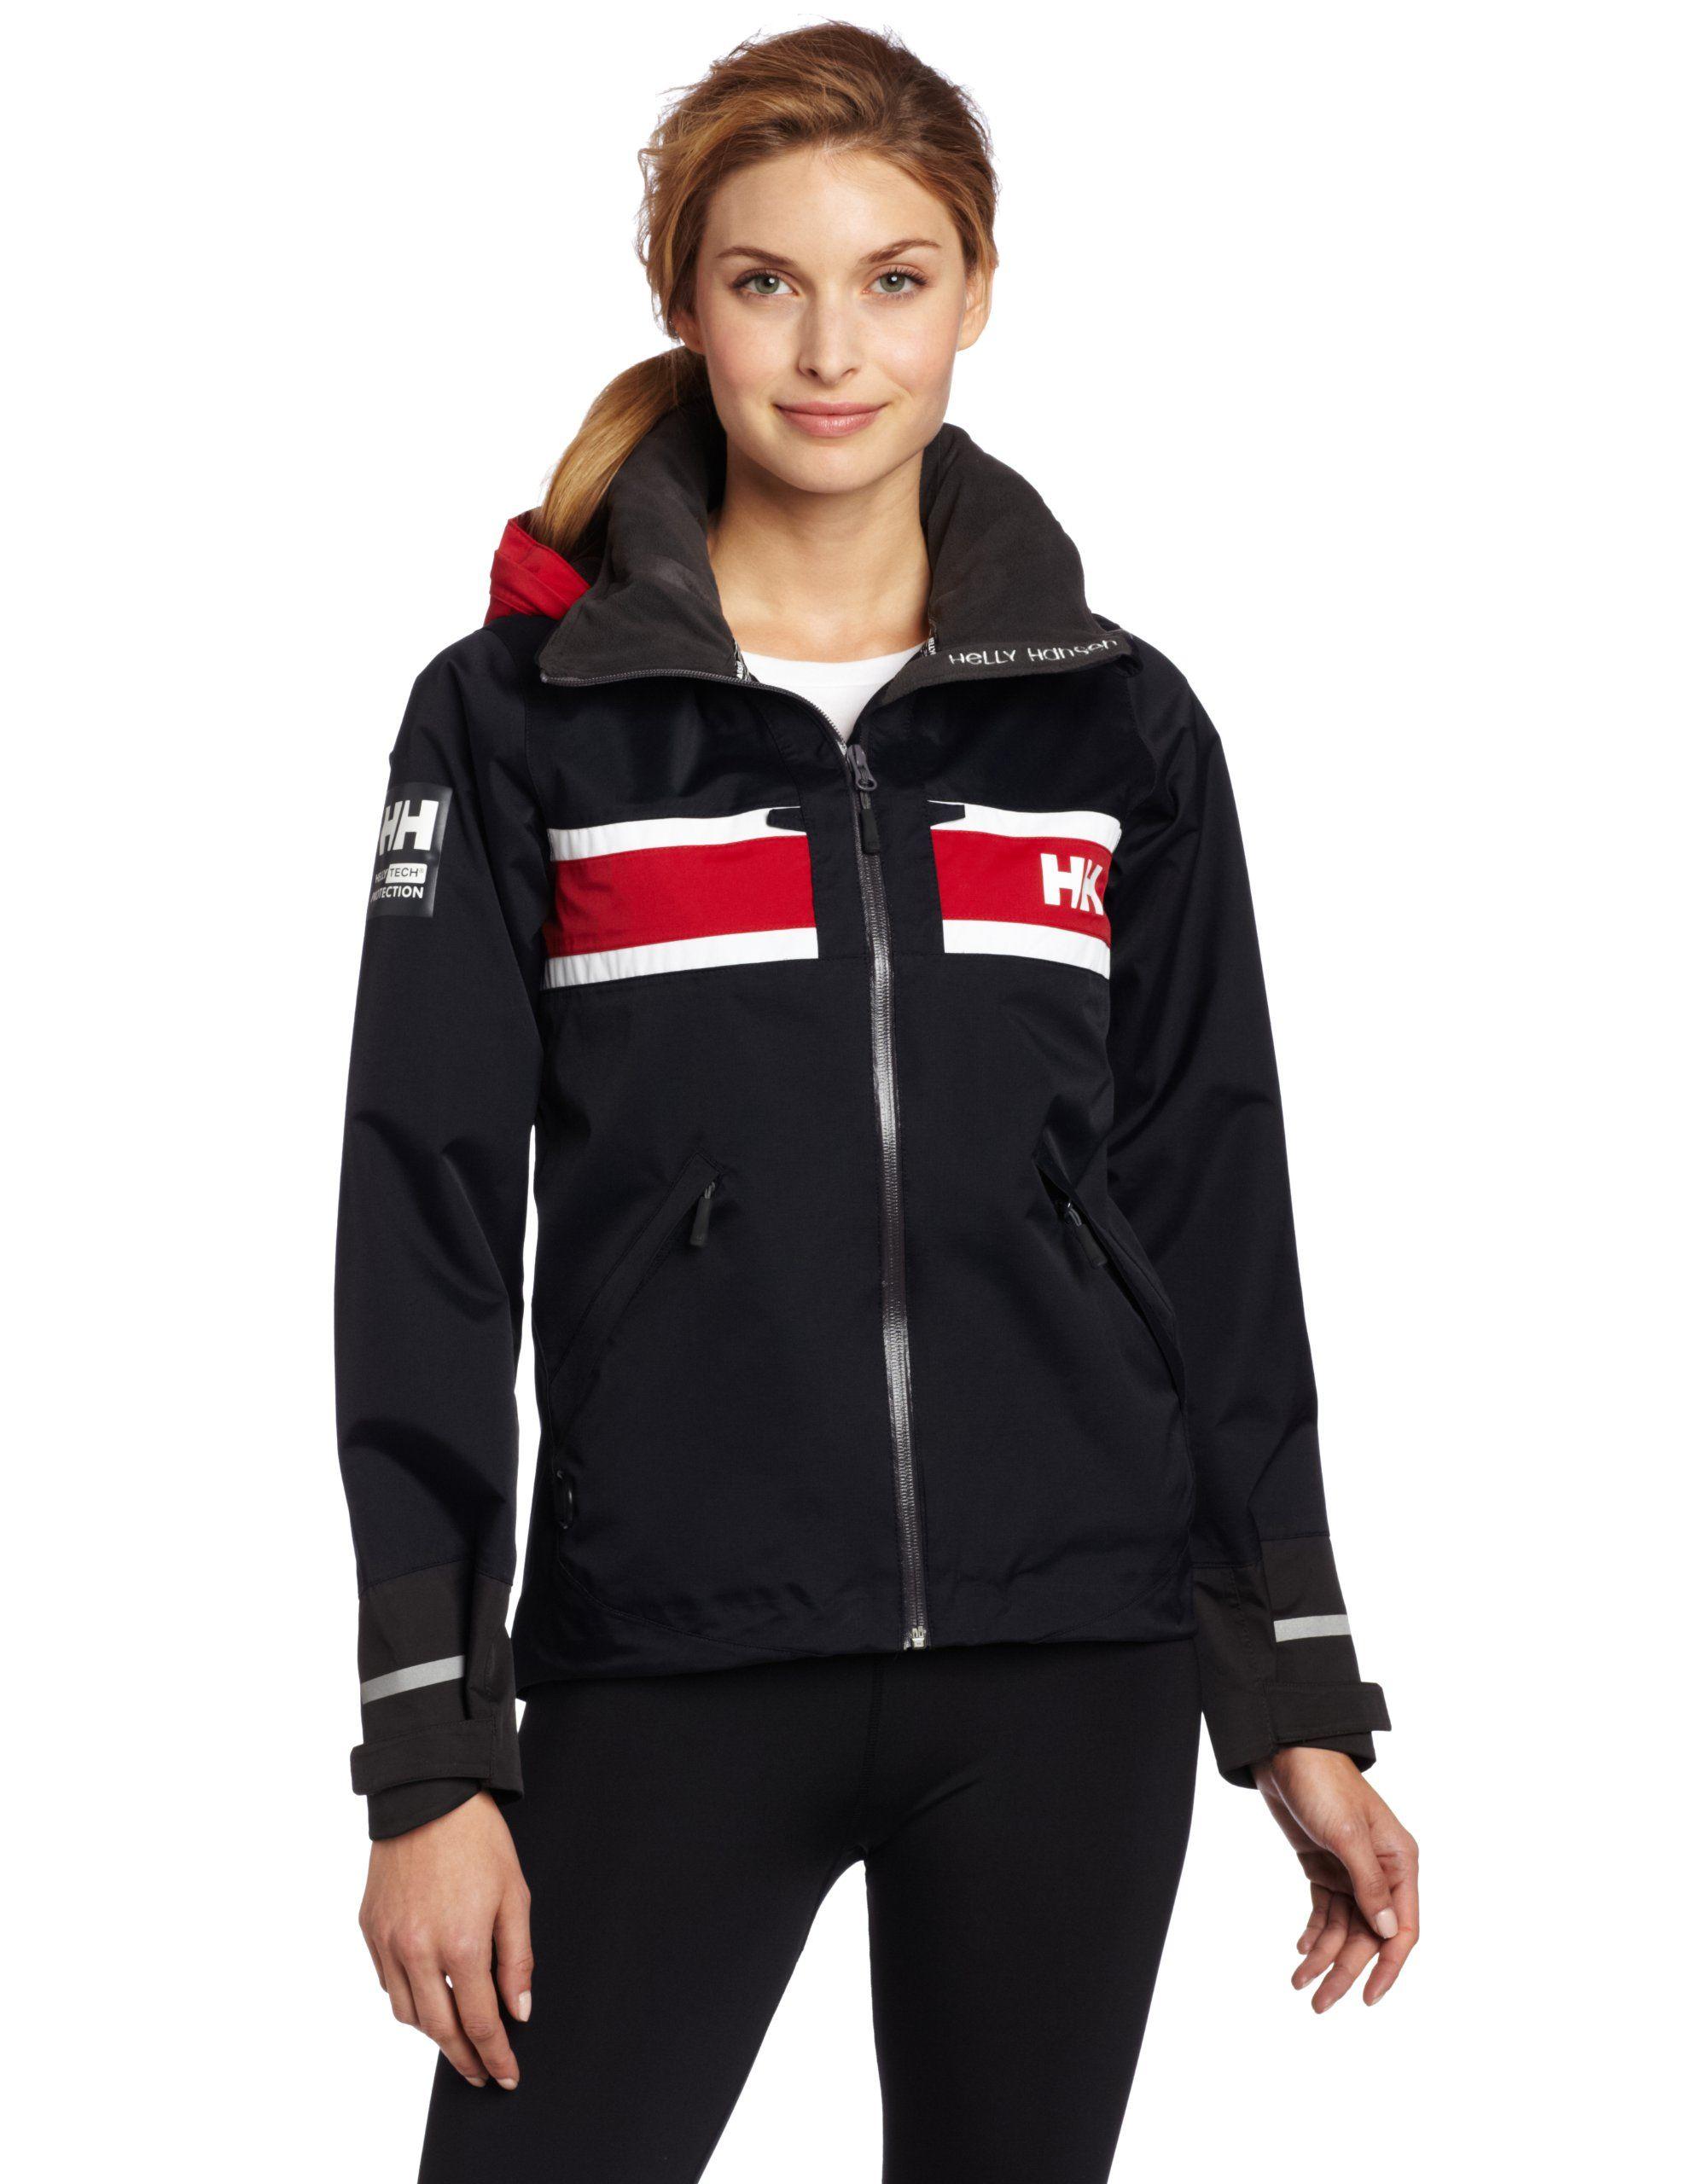 luonteen kengät varoa aito laatu Amazon.com: Helly Hansen Women's Salt Jacket: Sports ...